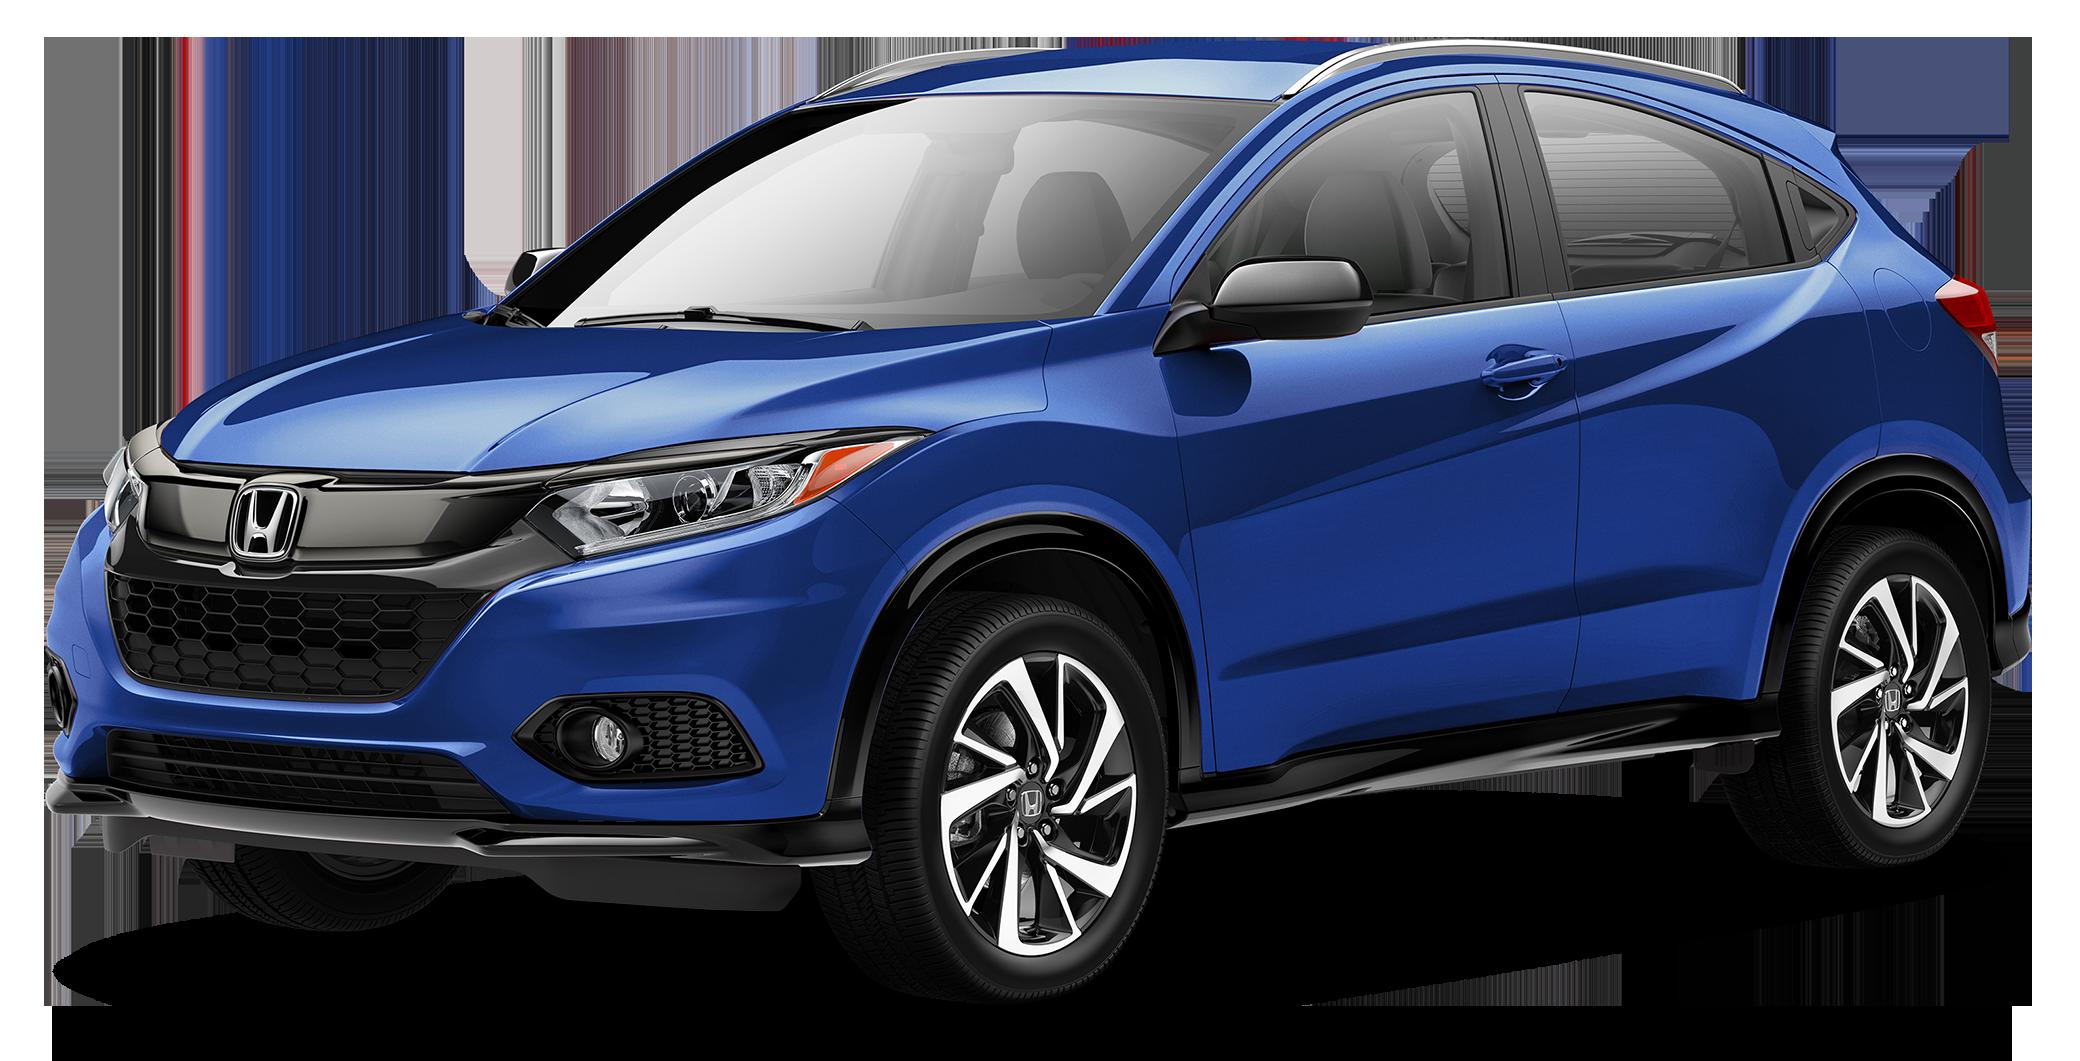 Kelebihan Kekurangan Harga Mobil Honda Hrv Spesifikasi